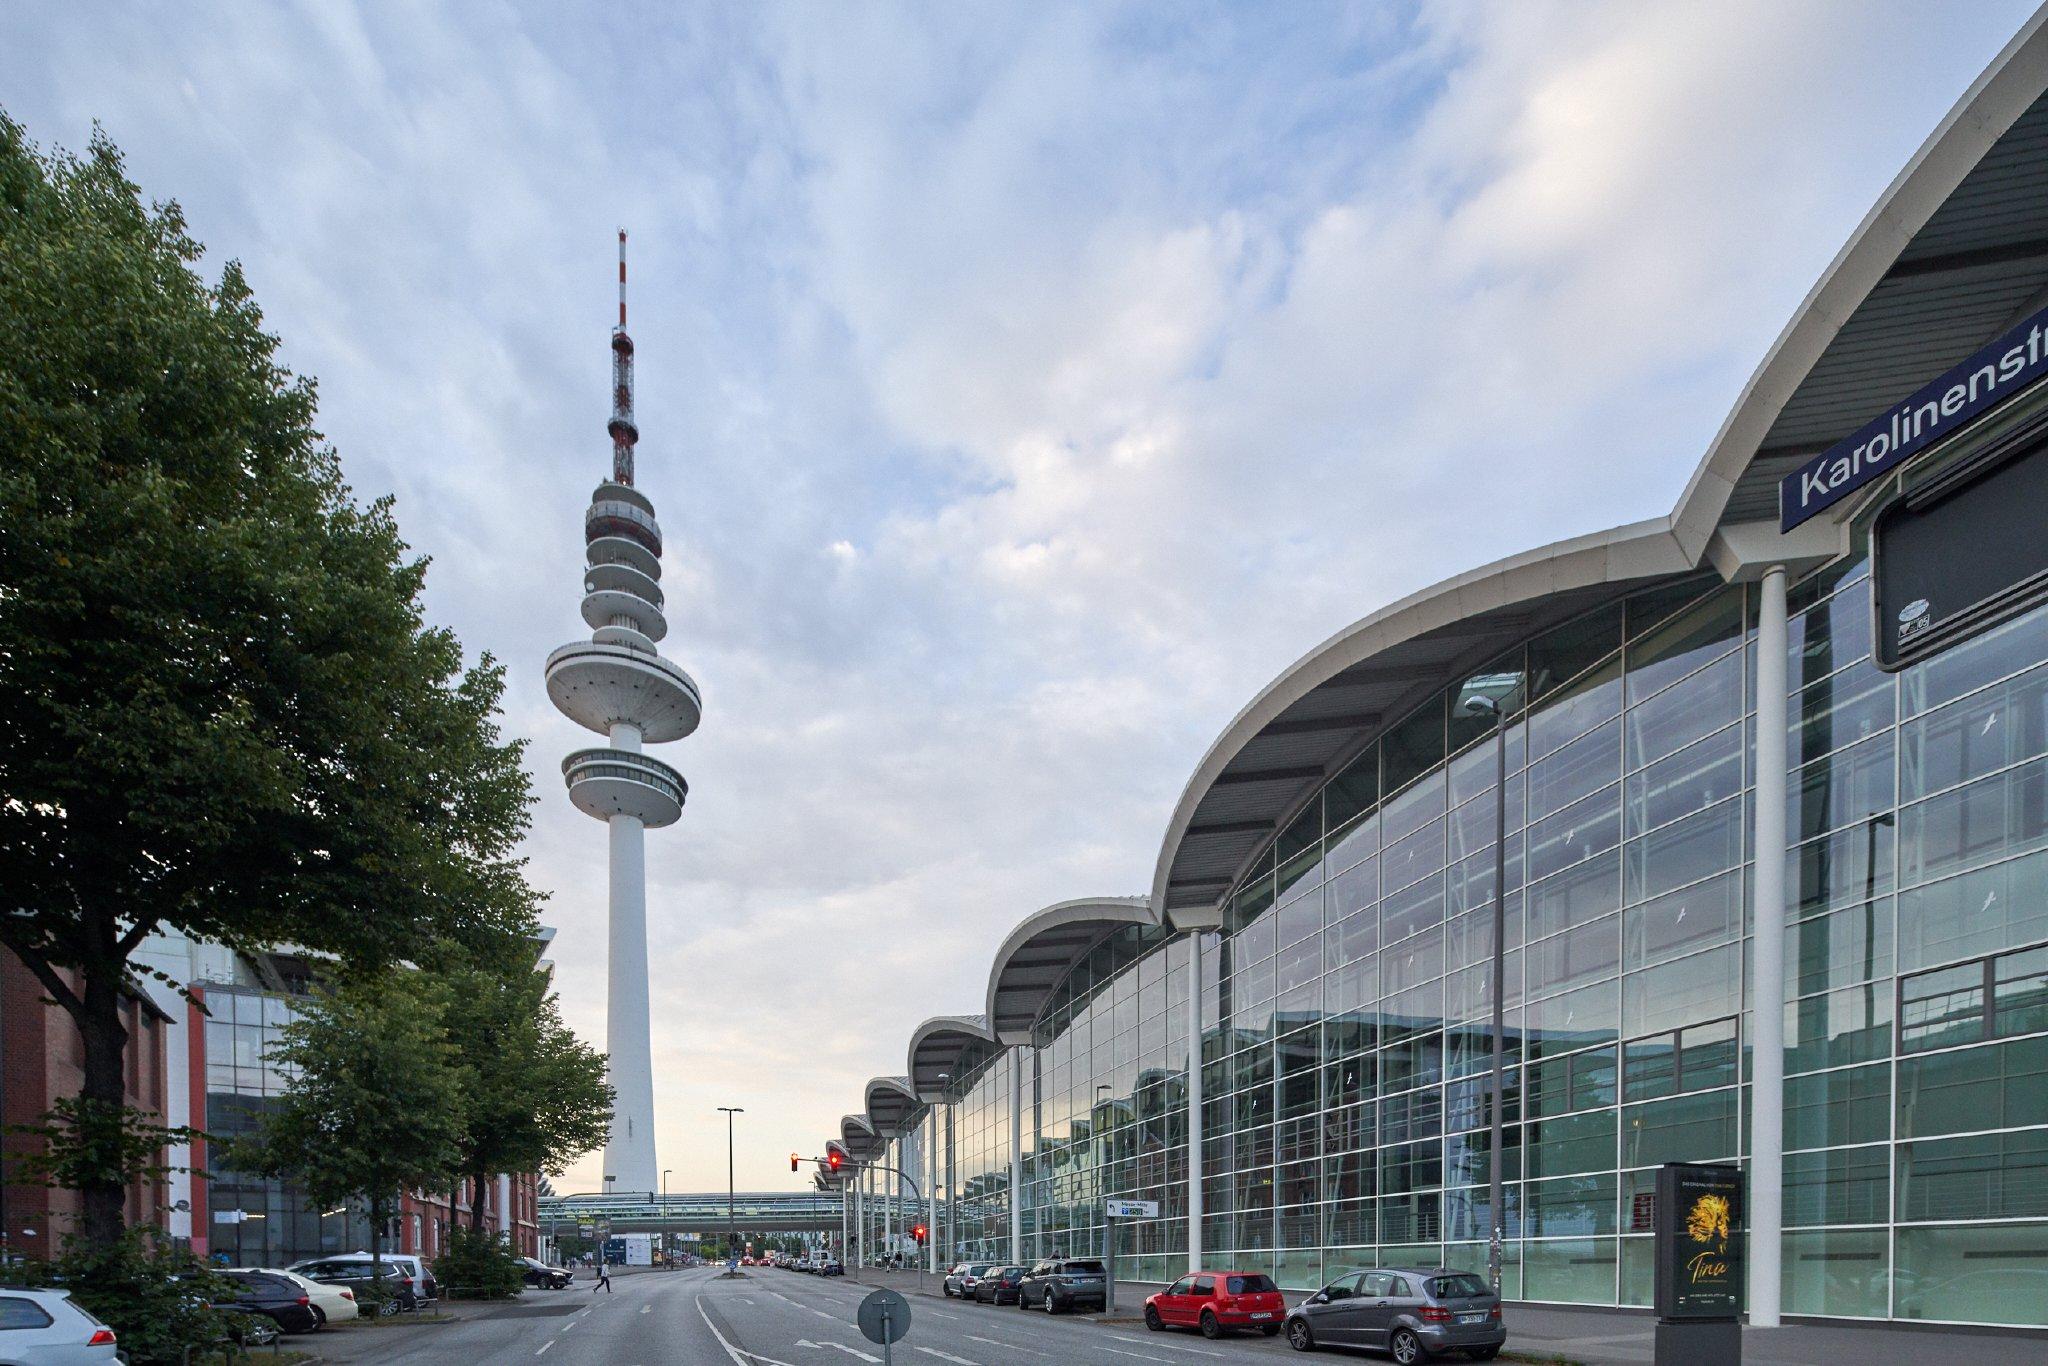 Zusatzbild Nr. 04 von K357 Stadtunterkunft Hamburg